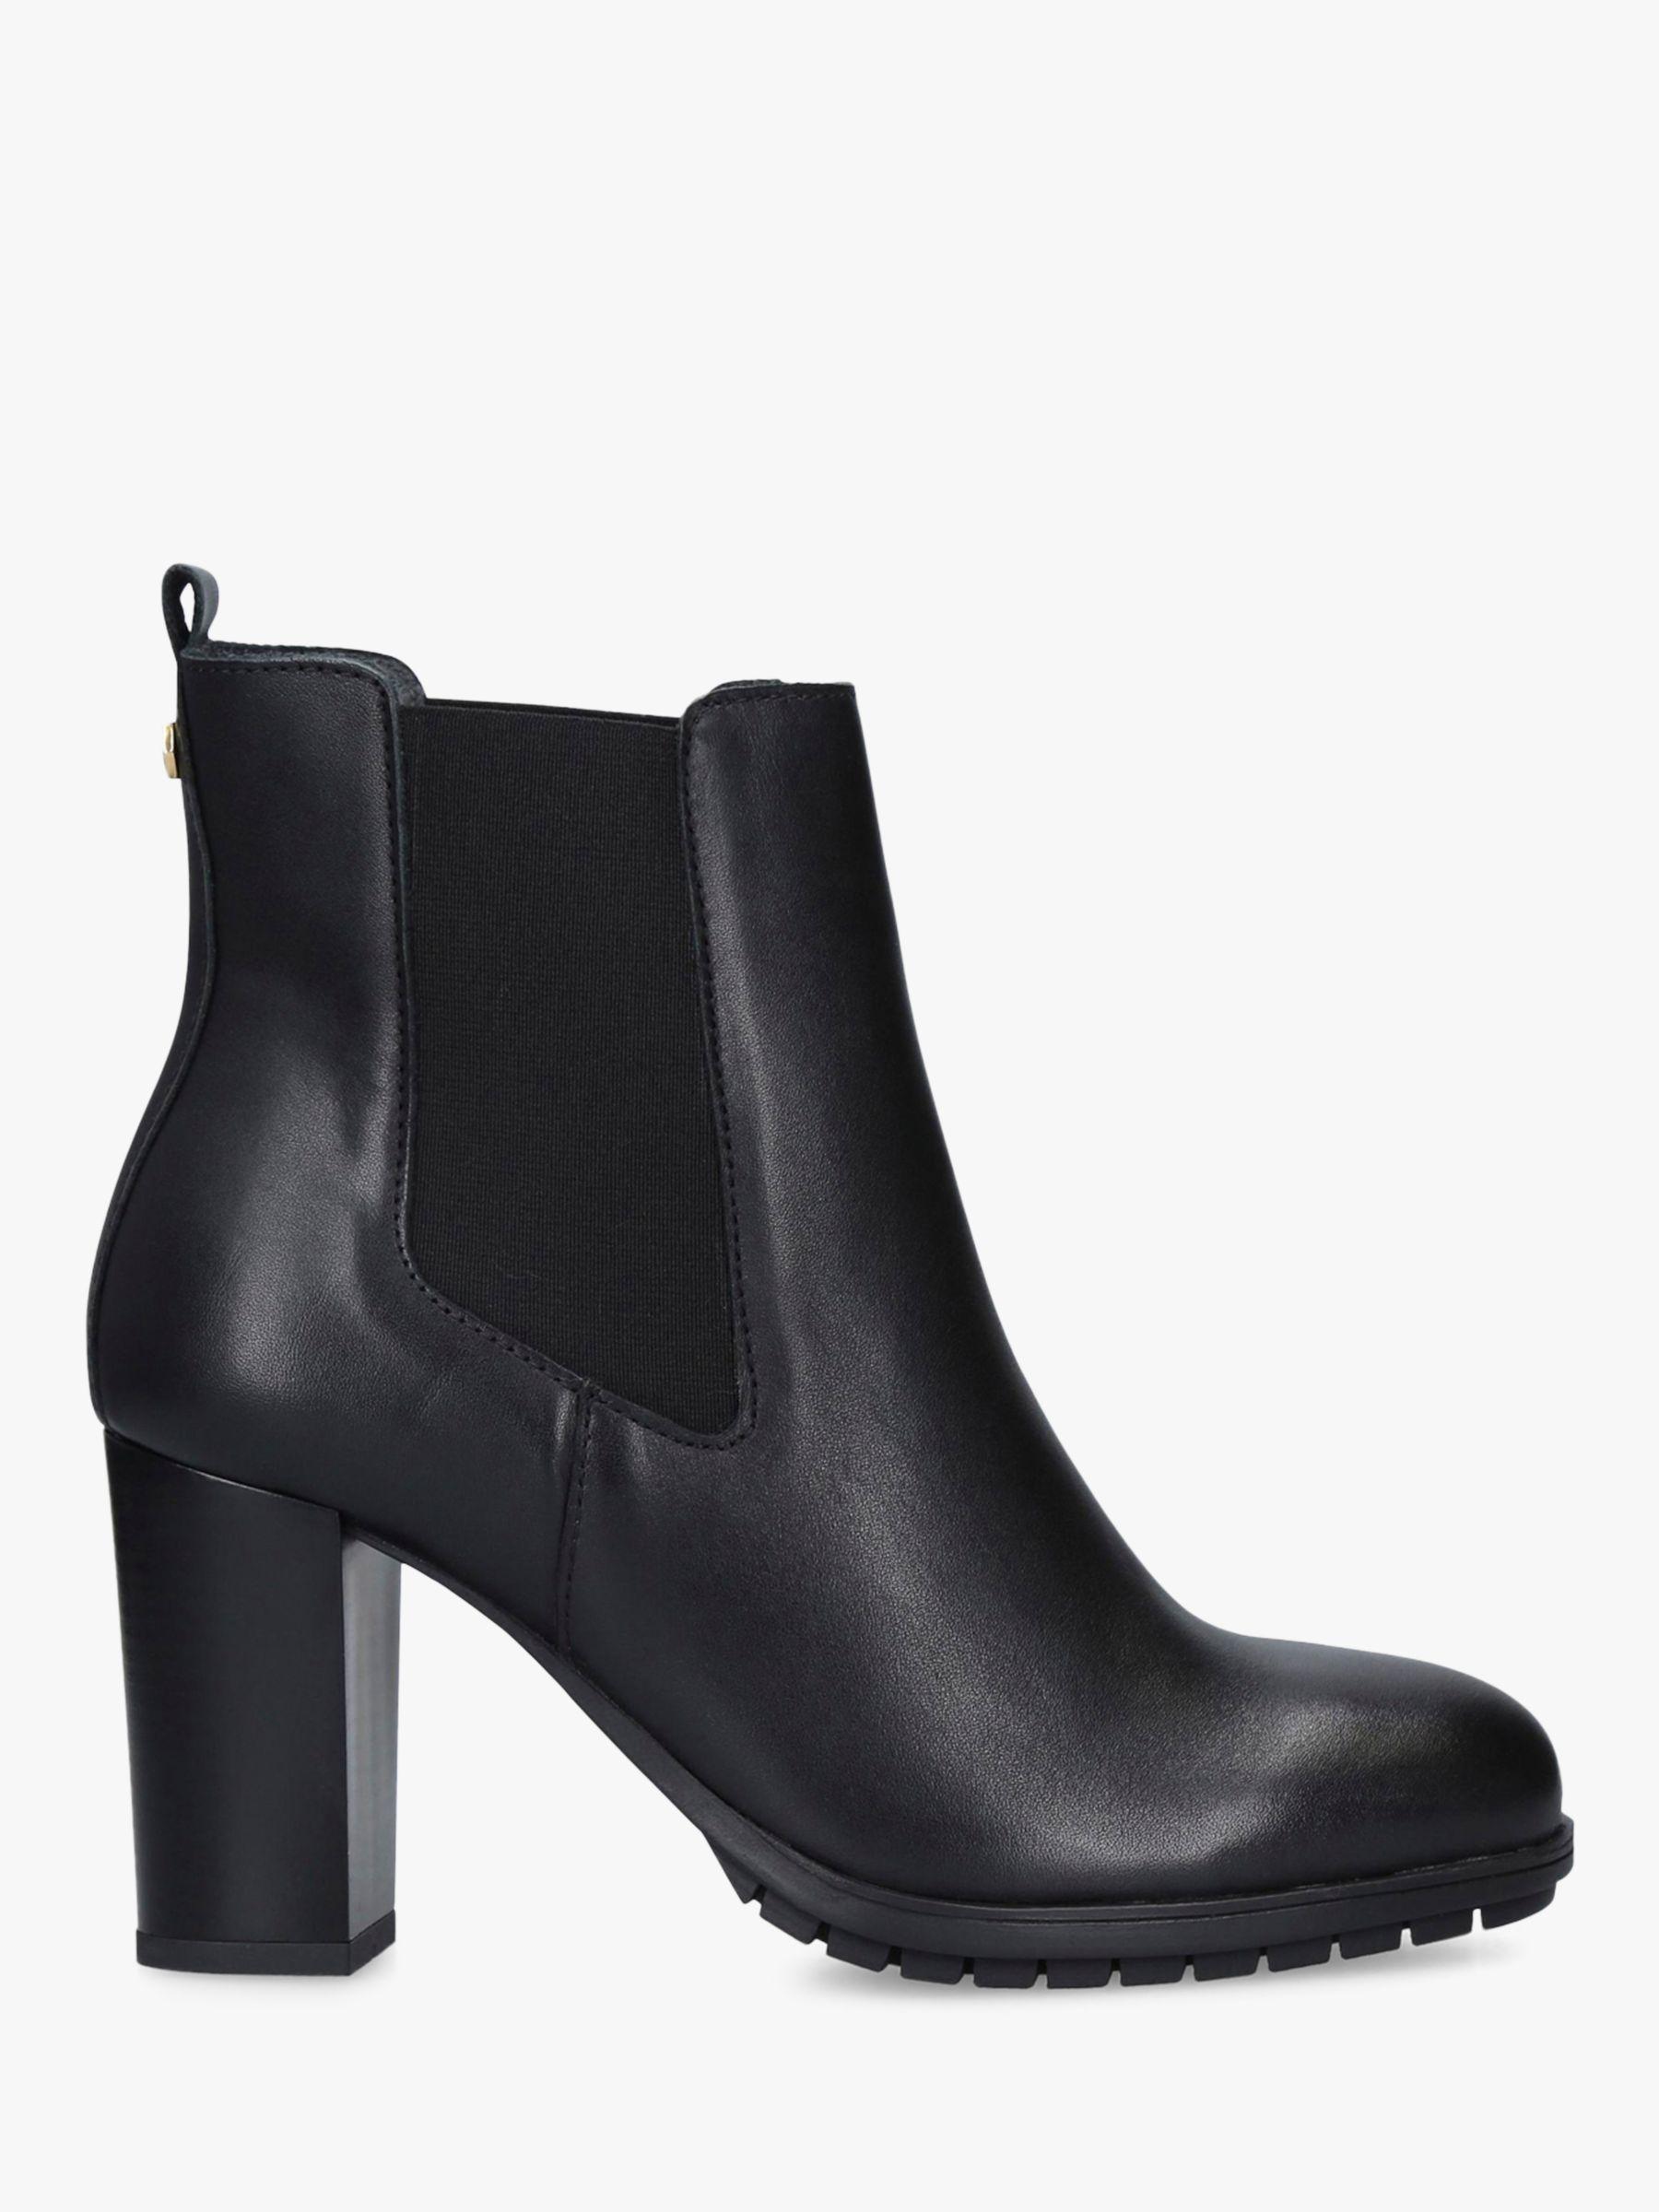 Carvela Carvela Comfort Royal Block Heel Leather Ankle Boots, Black